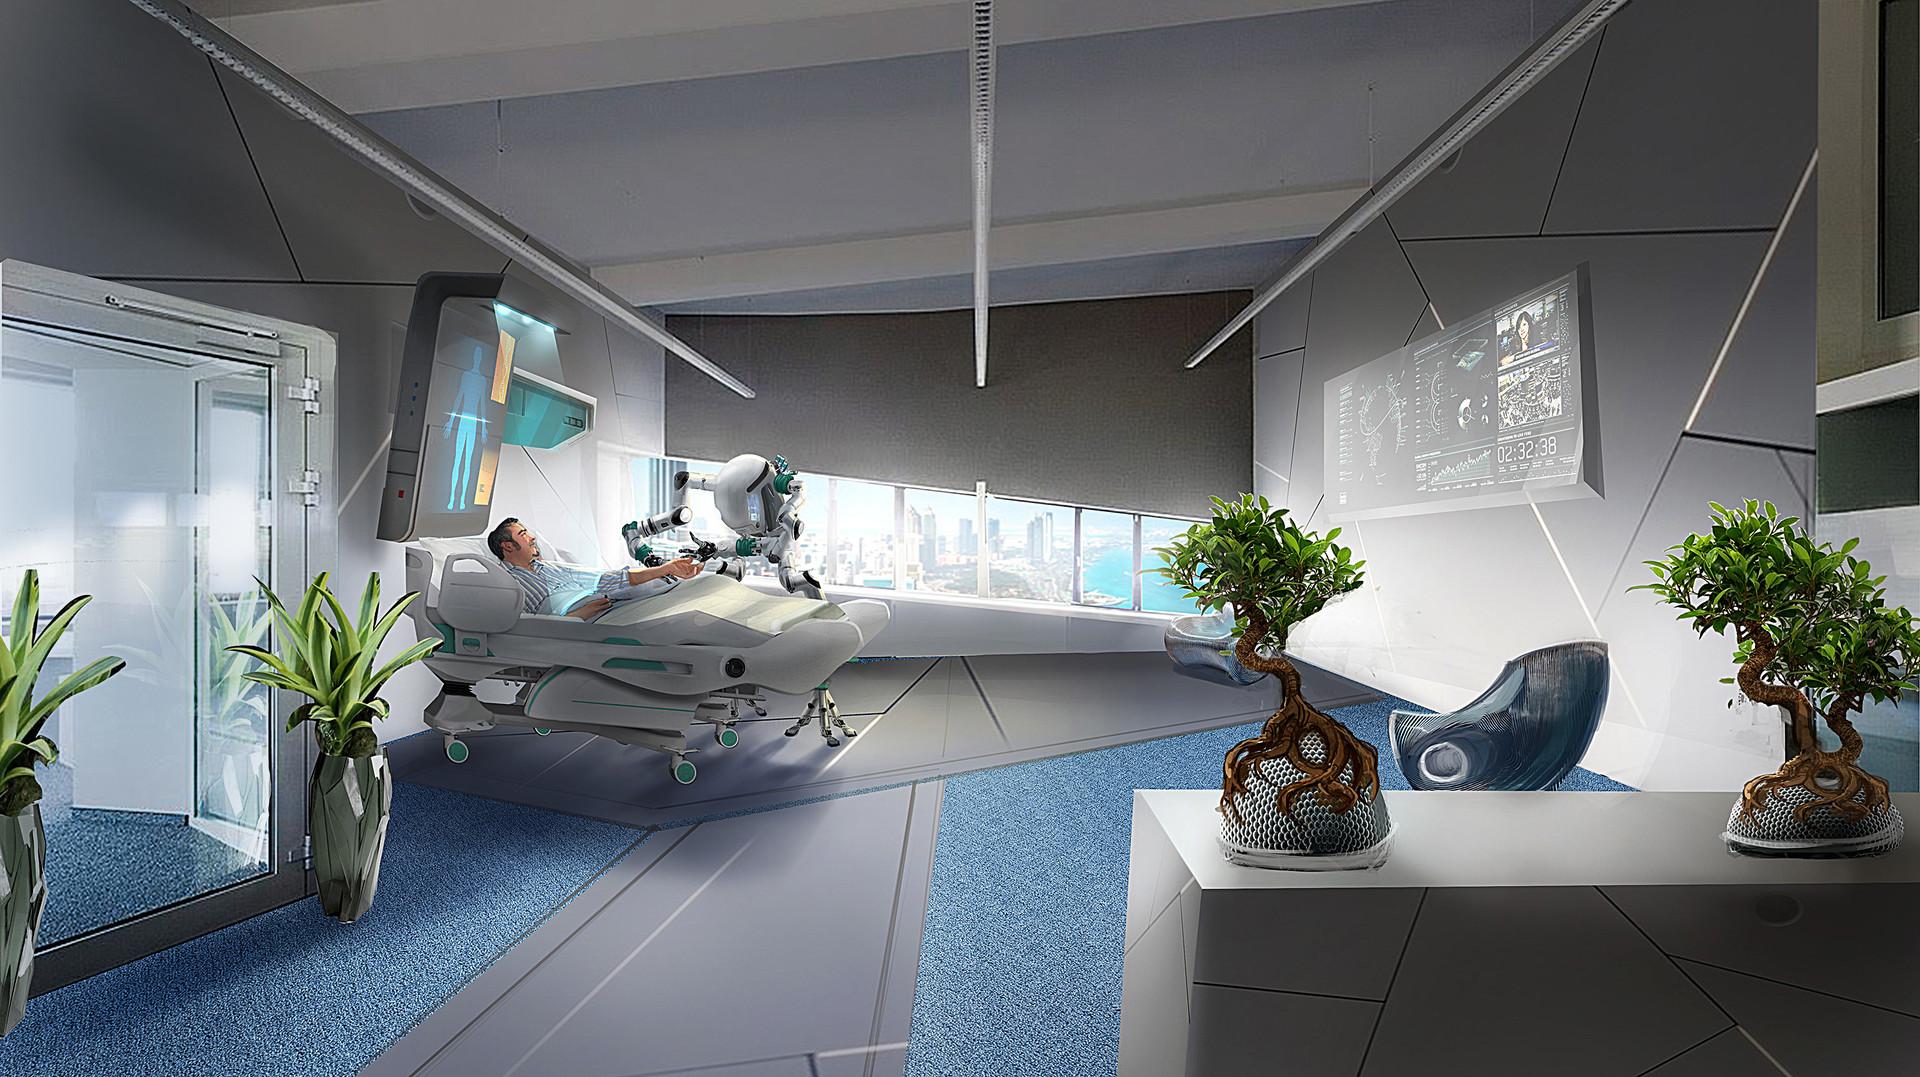 Nothof ferenc hospital v2